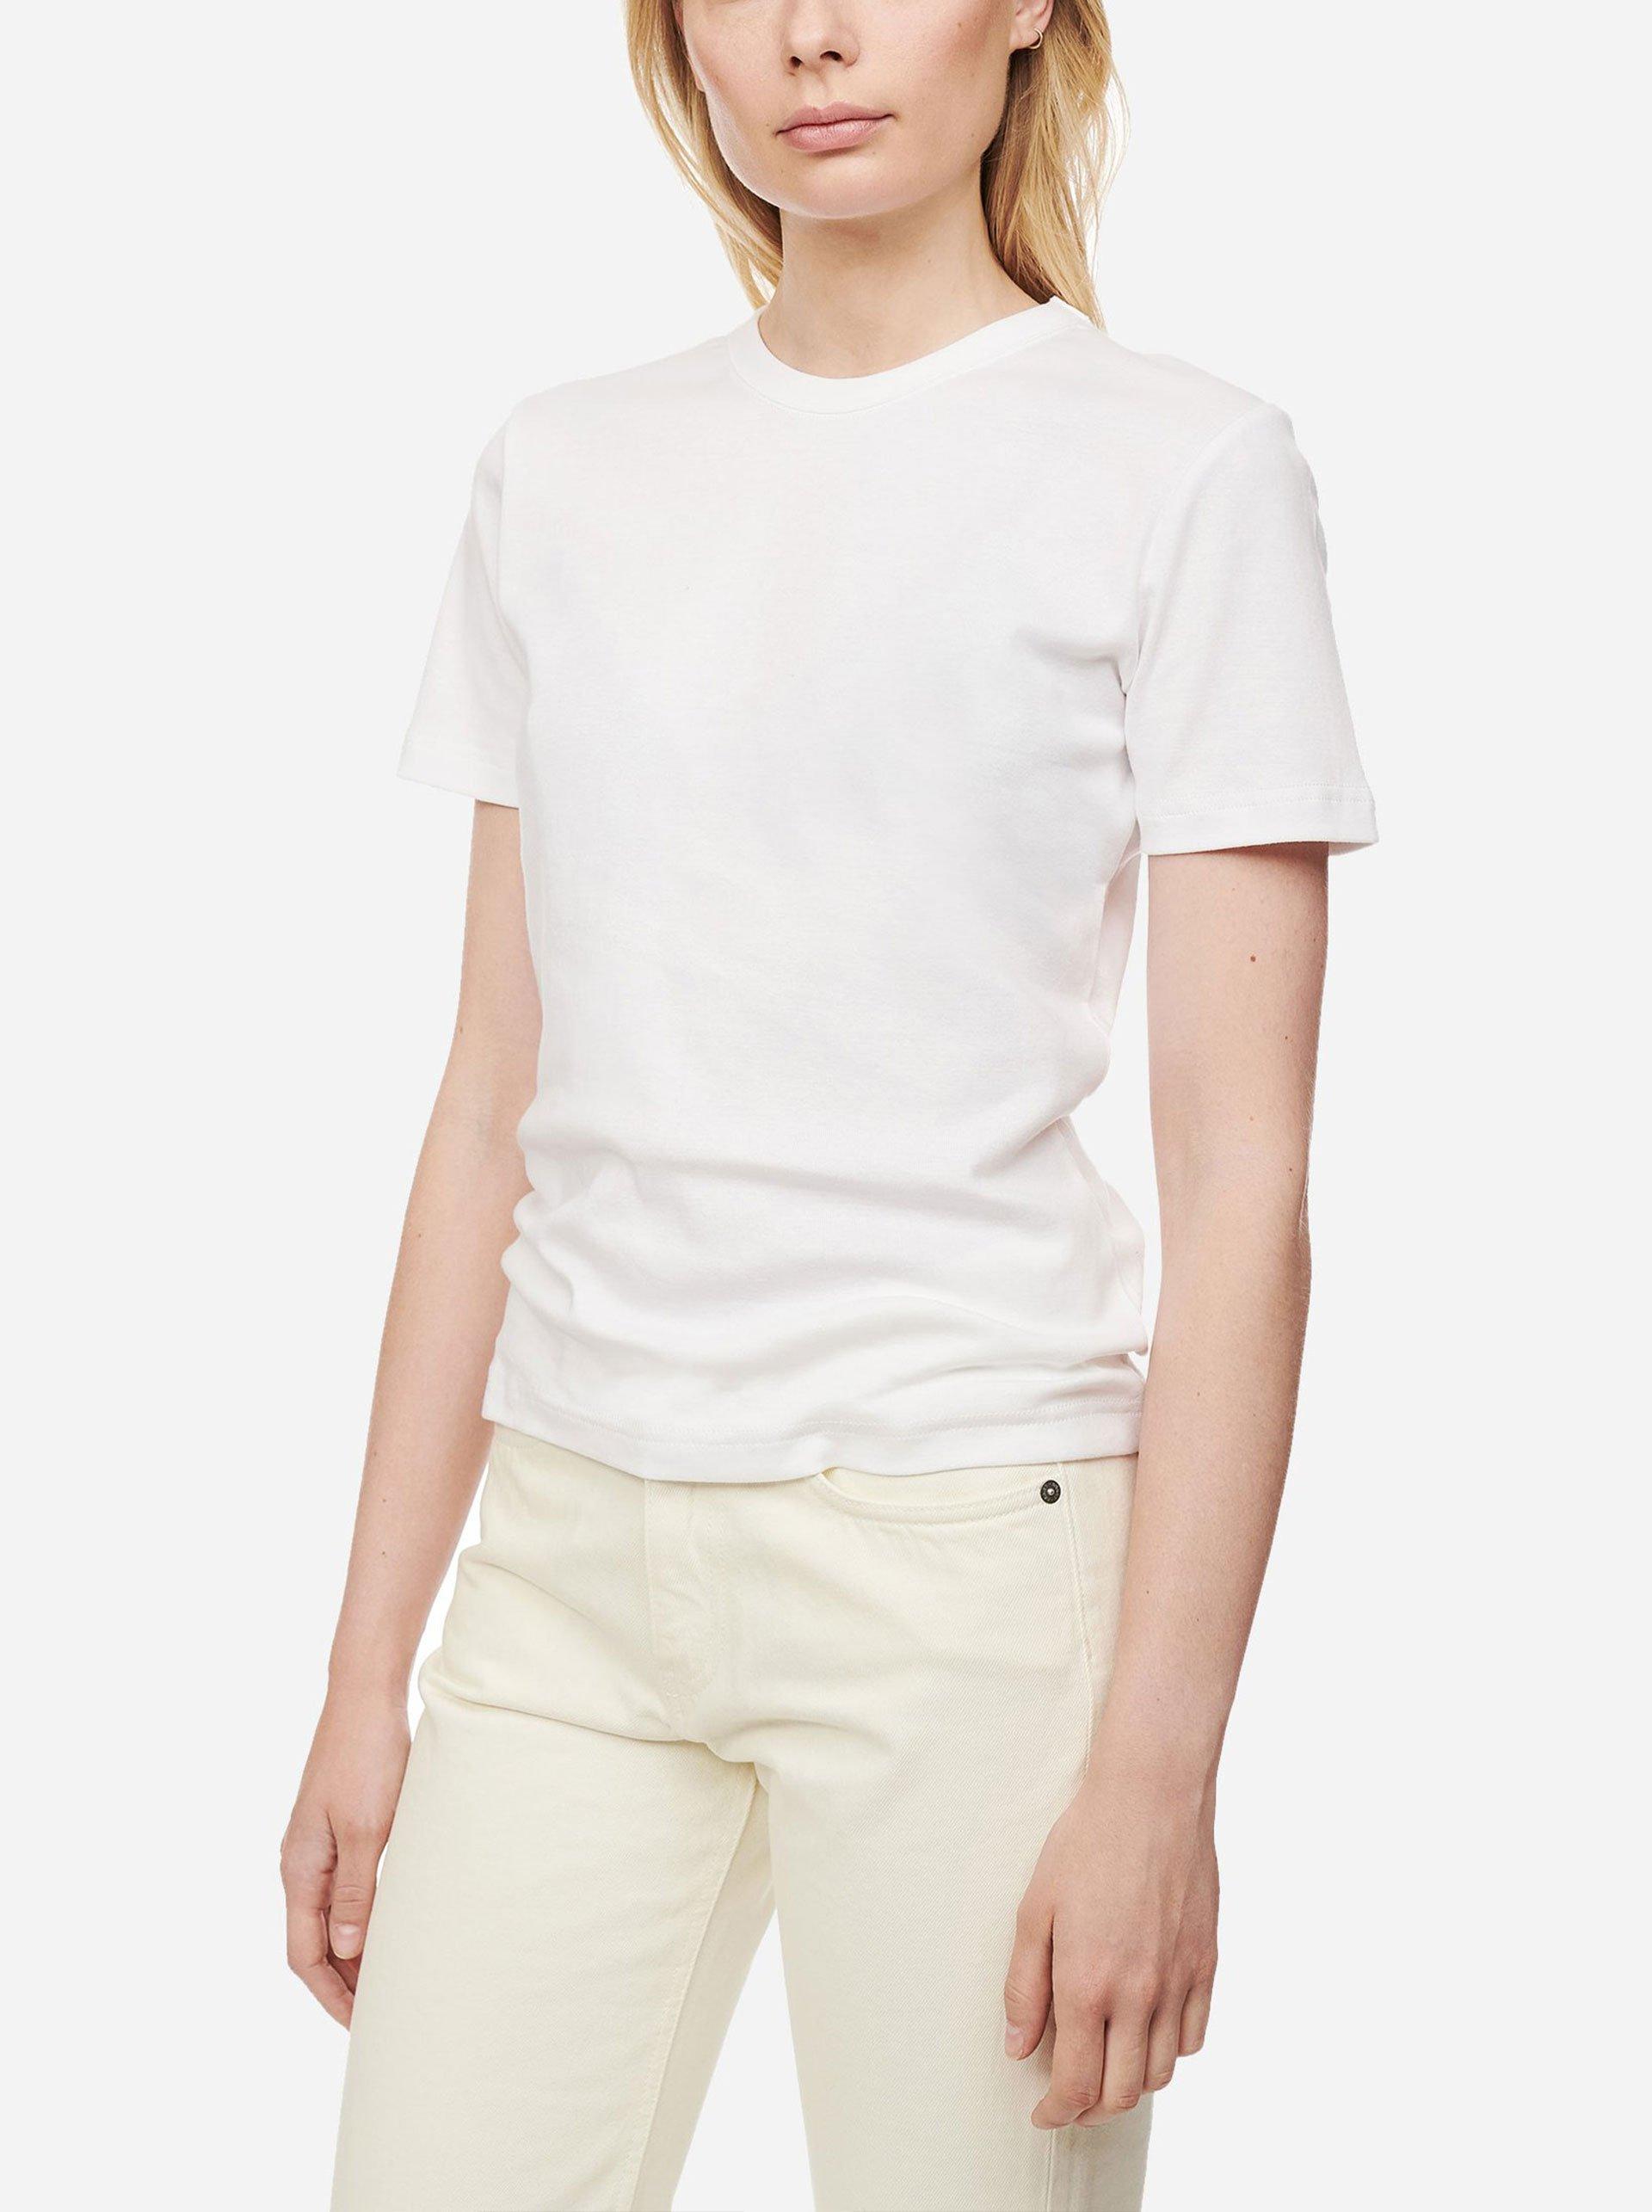 Teym_-_Size_Guide_-_T-shirt_-_Women_-_3